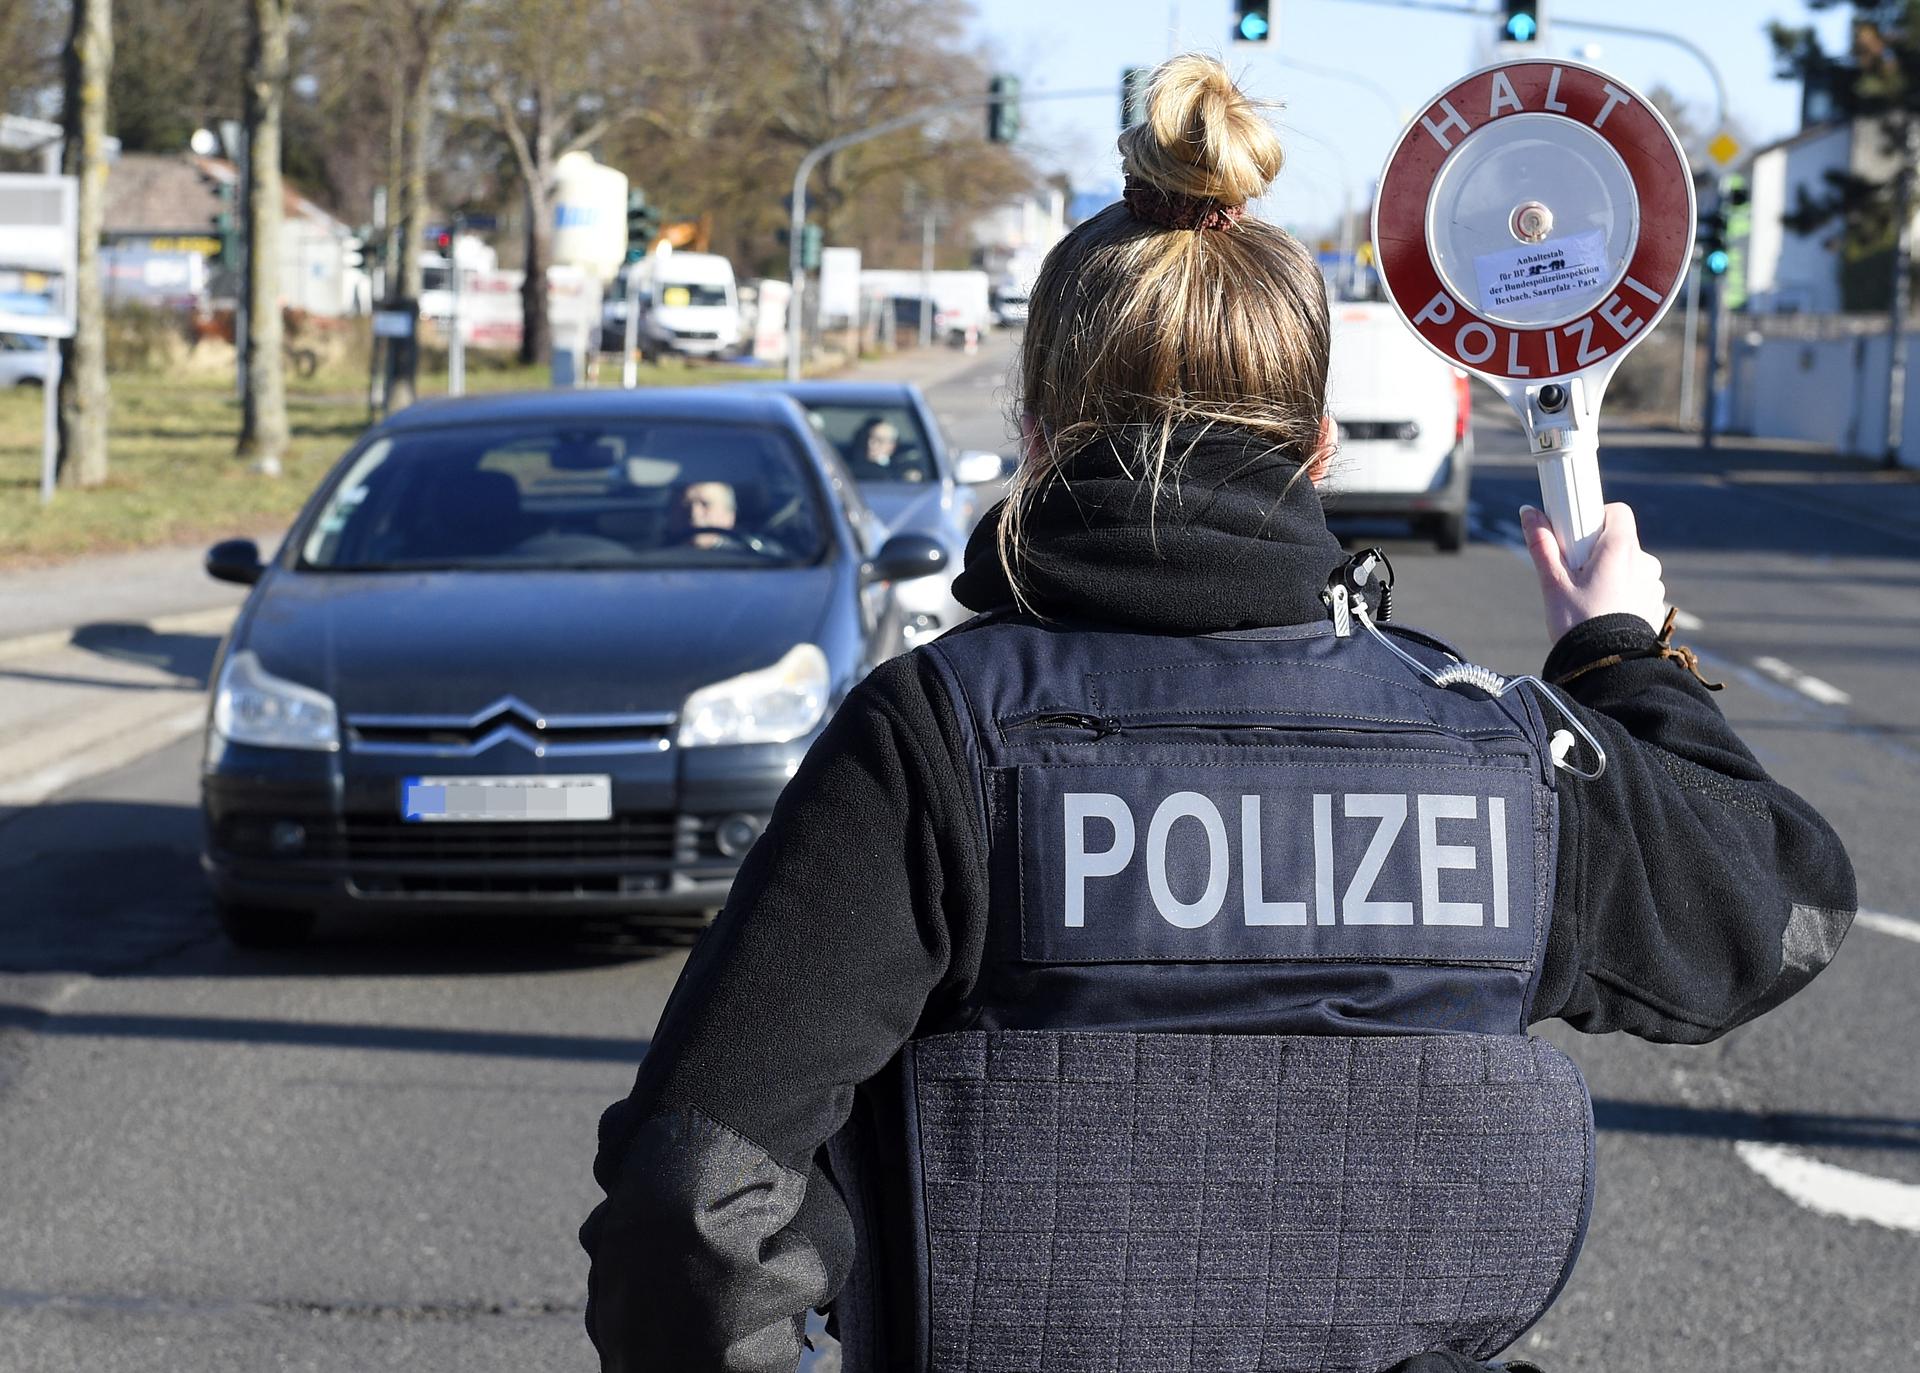 Restrictions de circulation :La galère des frontaliers mosellans en Allemagne